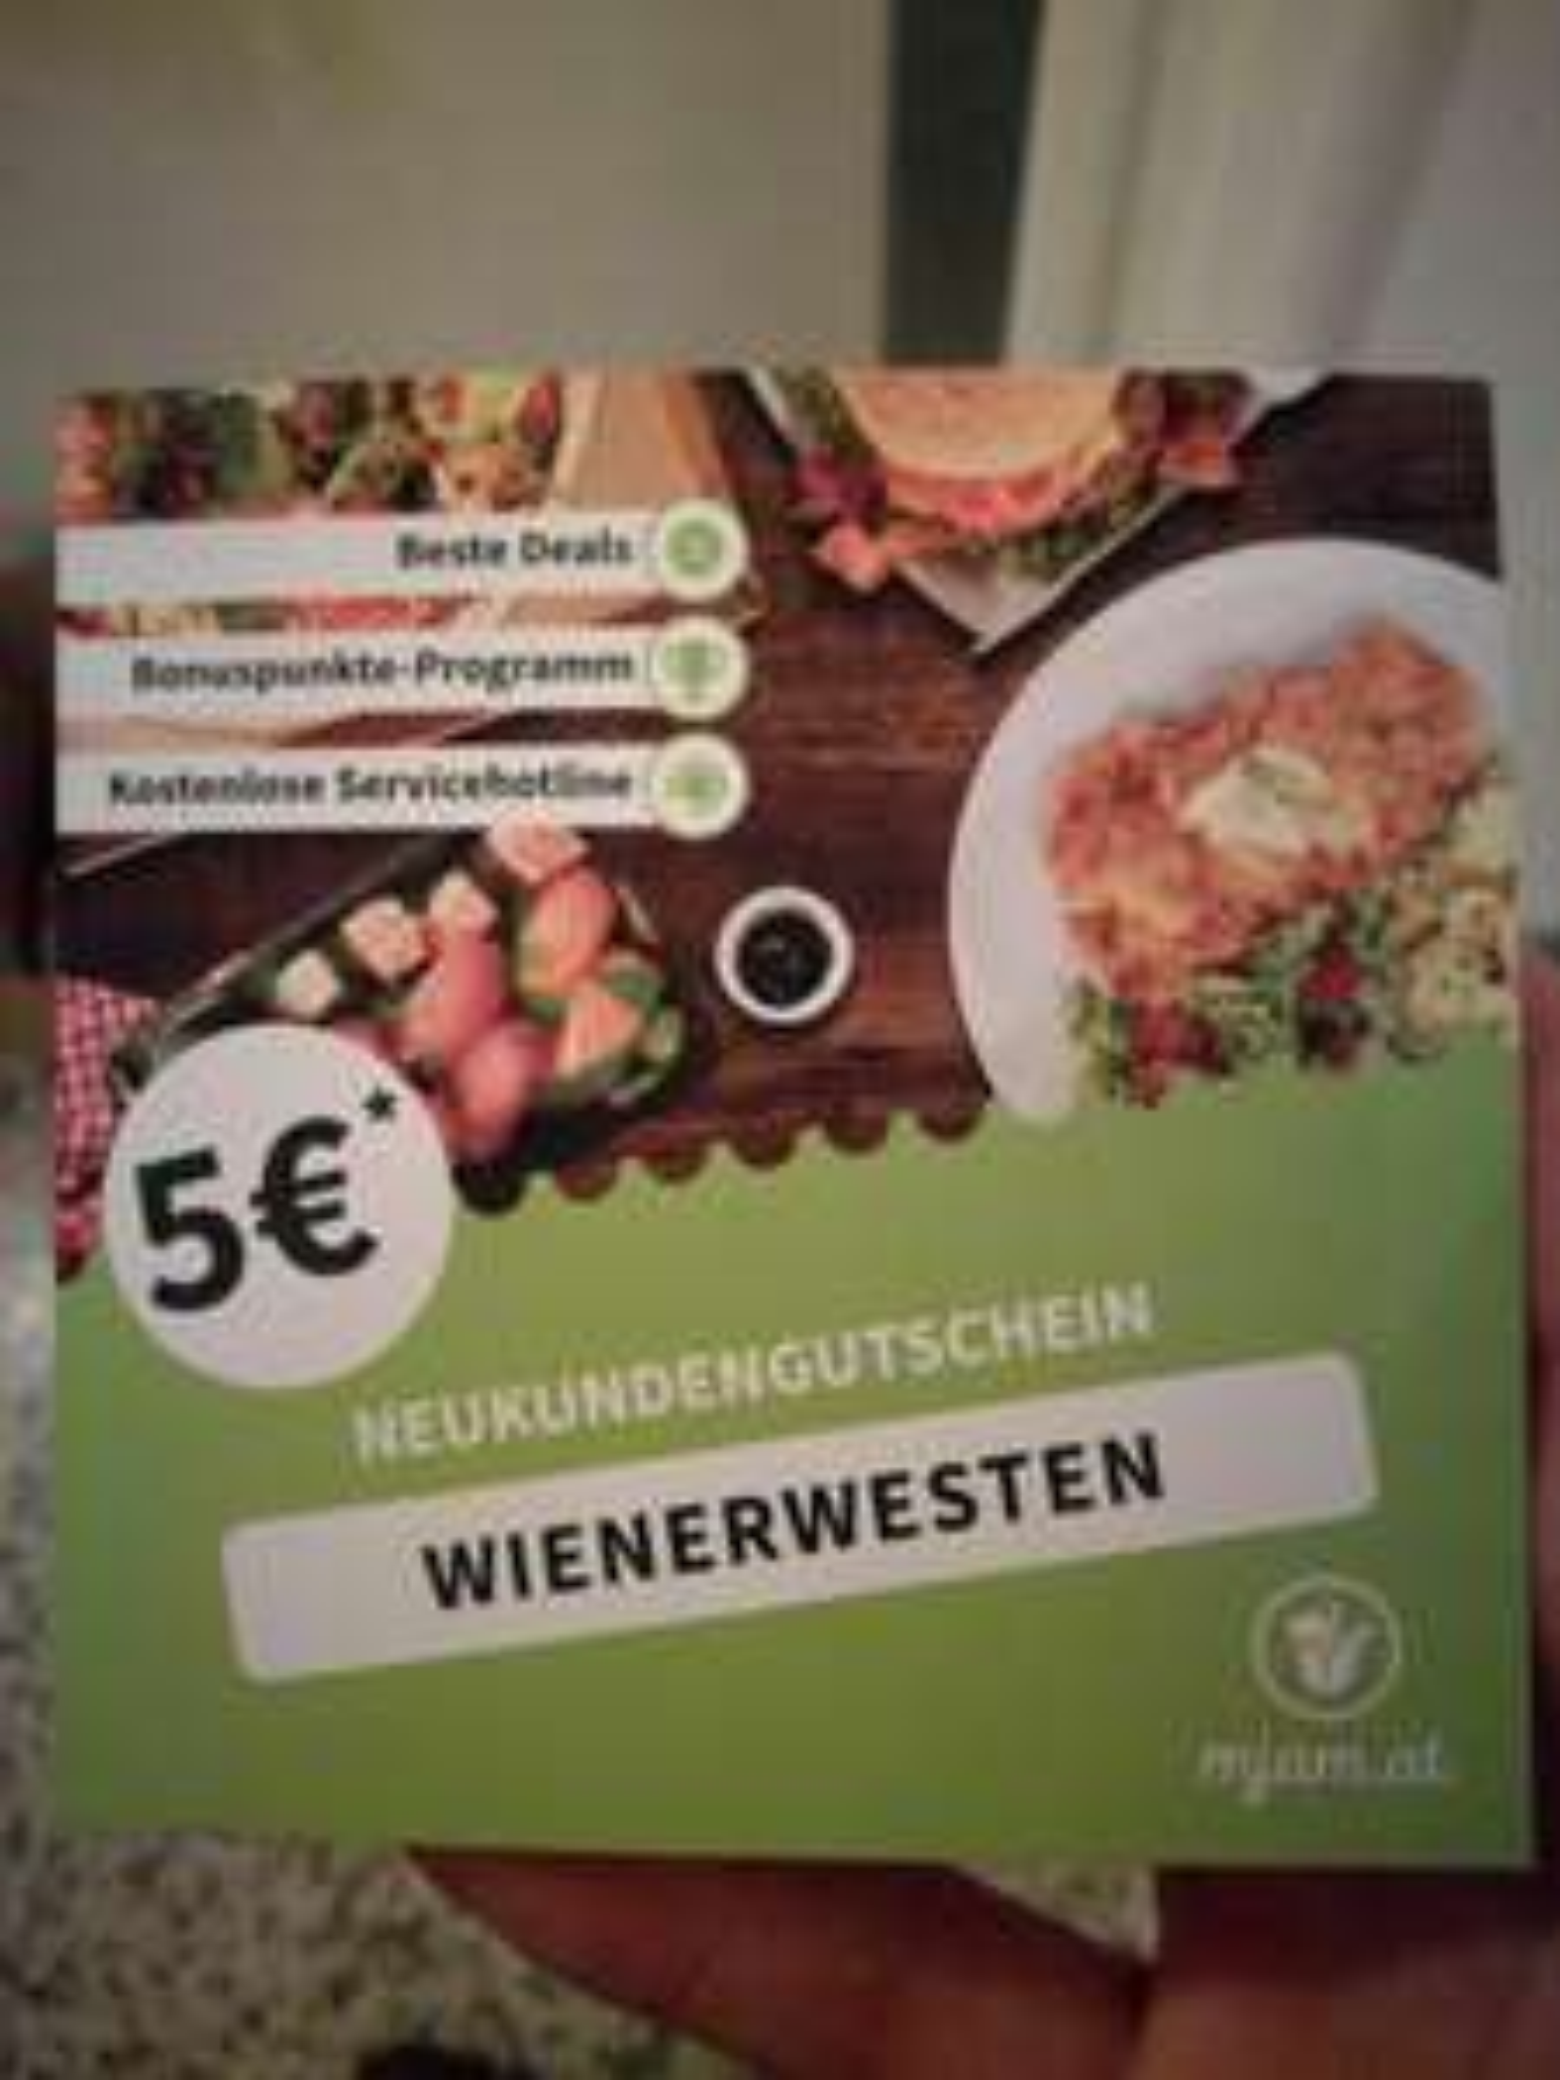 5€ Mjam  Neukundengutschein